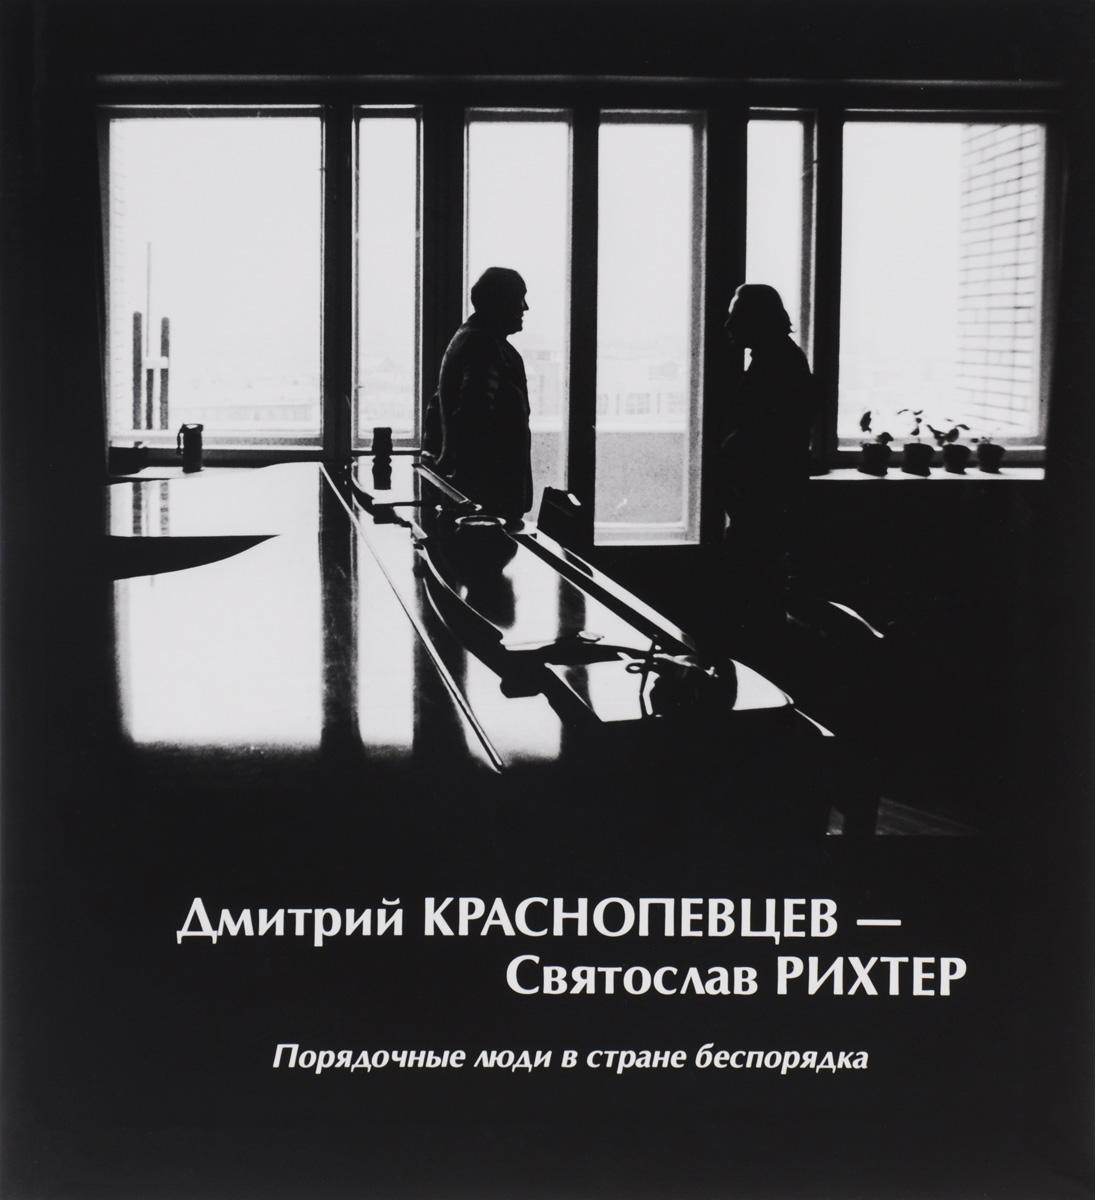 Дмитрий Краснопевцев - Святослав Рихтер. Порядочные люди в стране беспорядка ( 978-5-98181-107-4 )